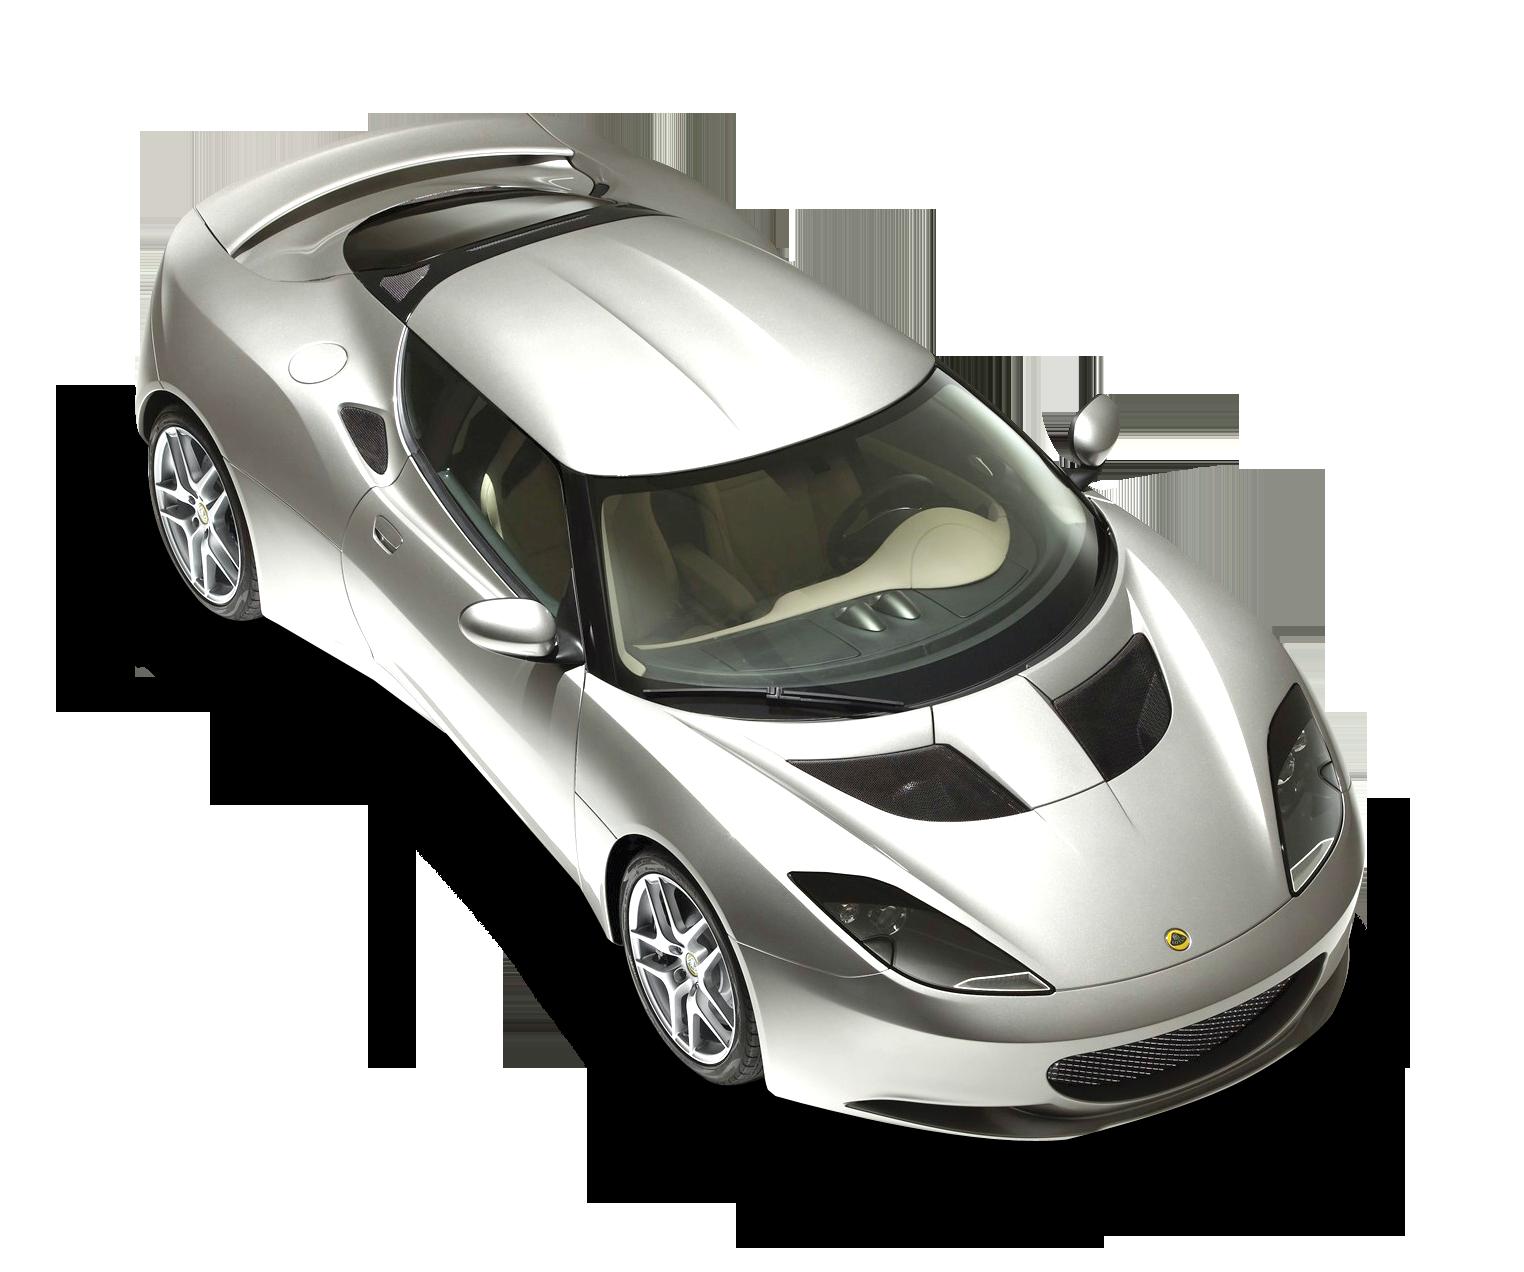 Lotus Evora Top View Car PNG Image.